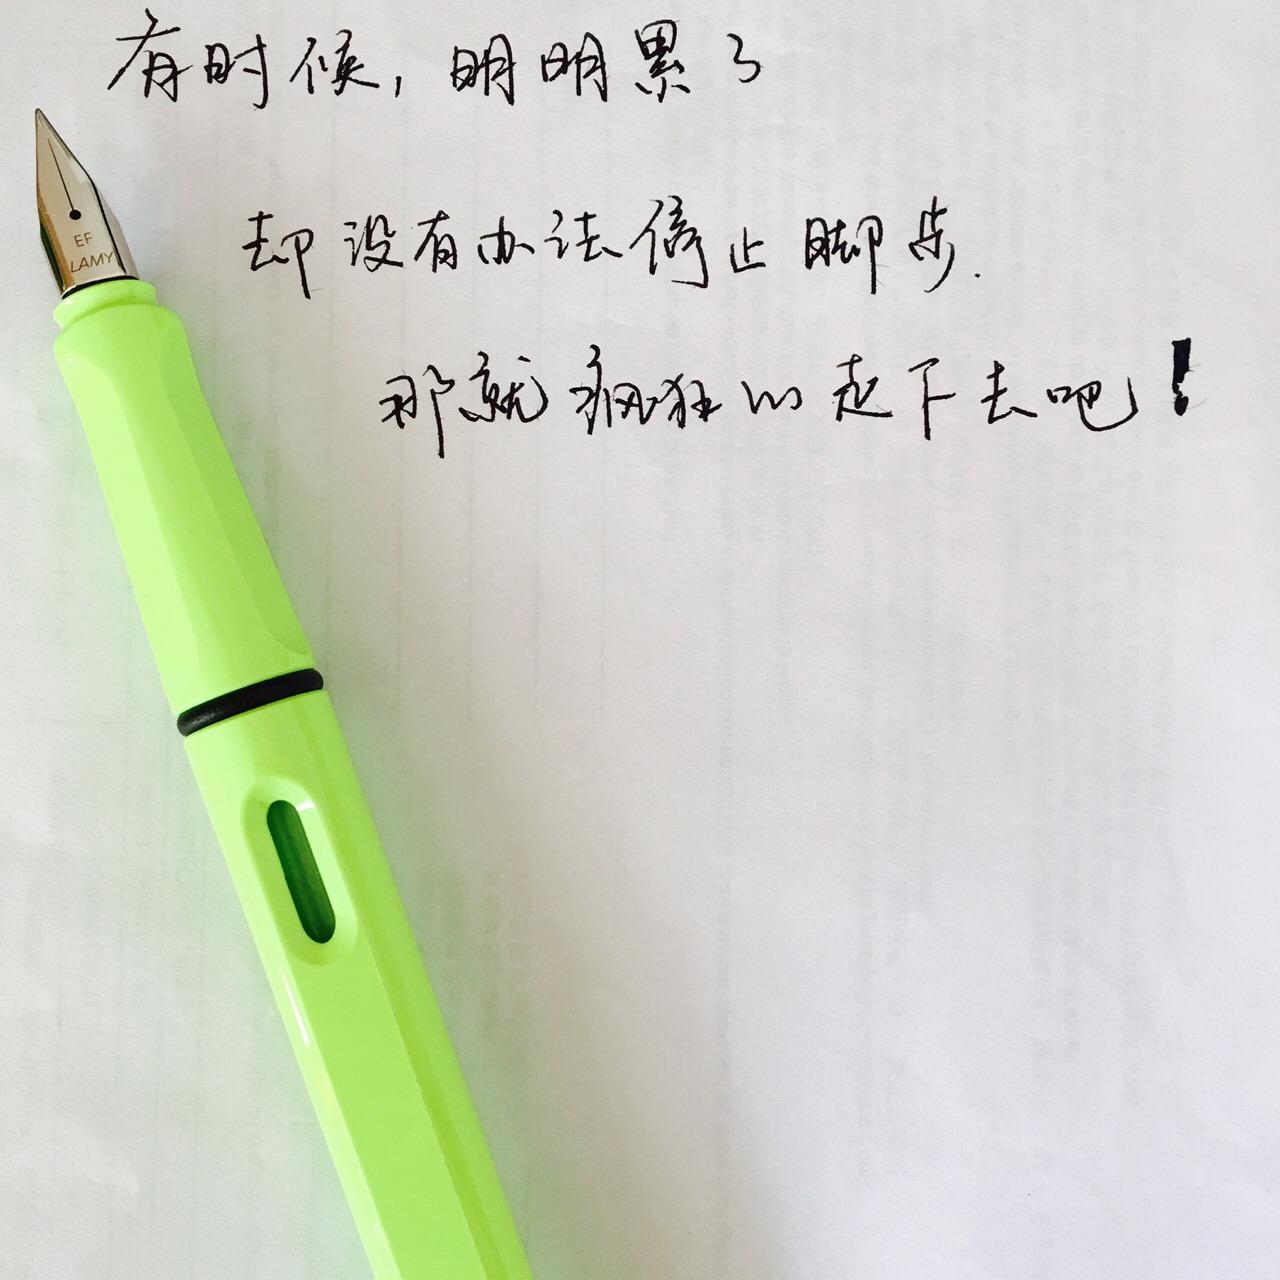 墨囊,,safari狩猎钢笔